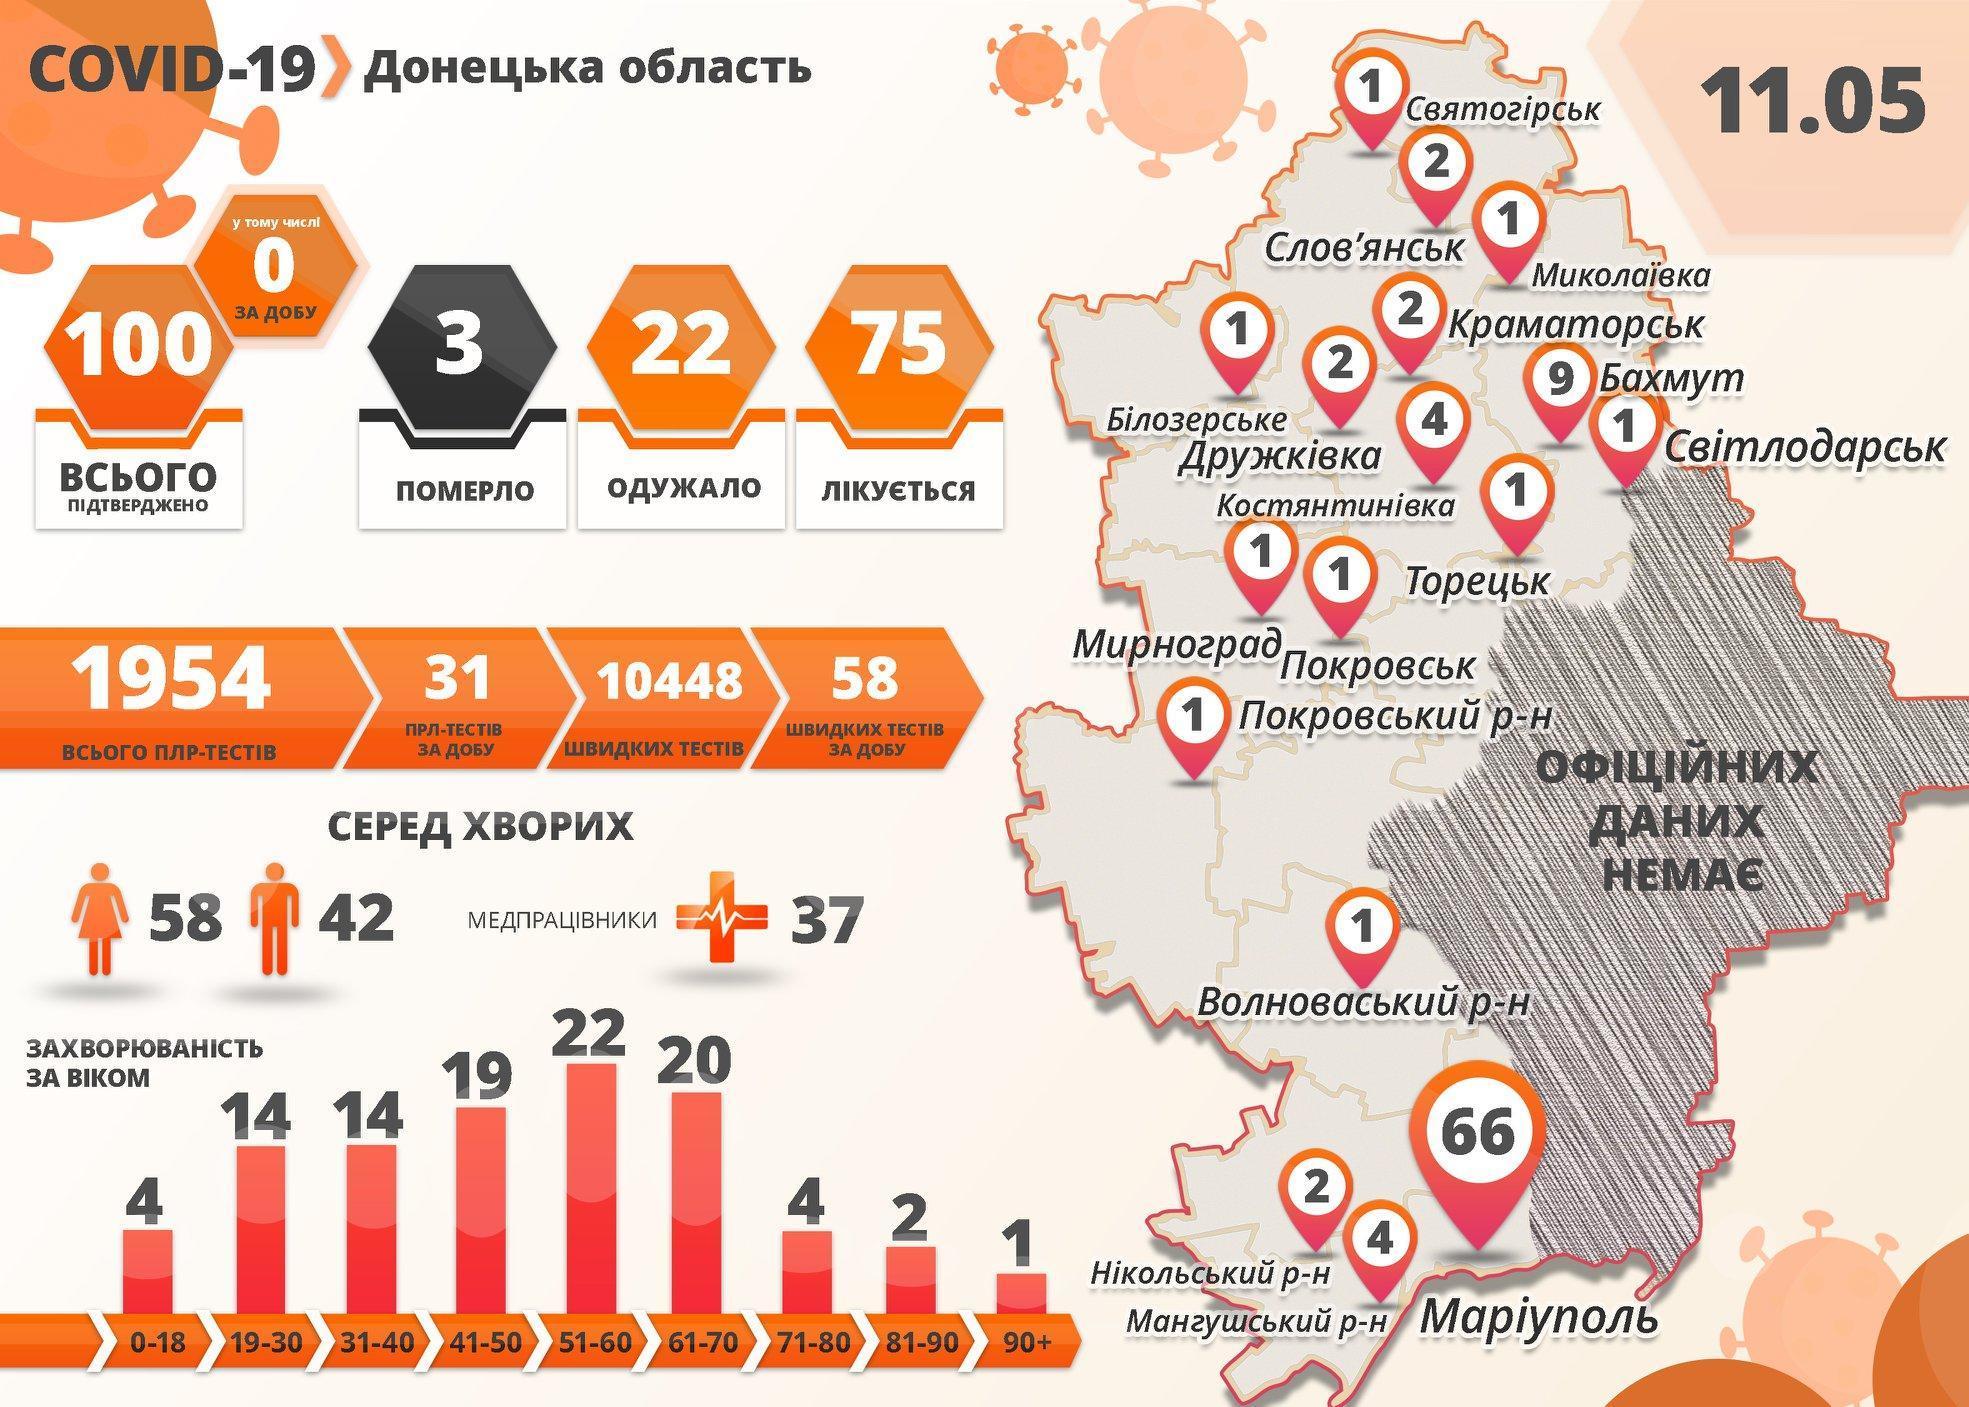 На Донбассе лабораторно проверили на коронавирус меньше всего людей